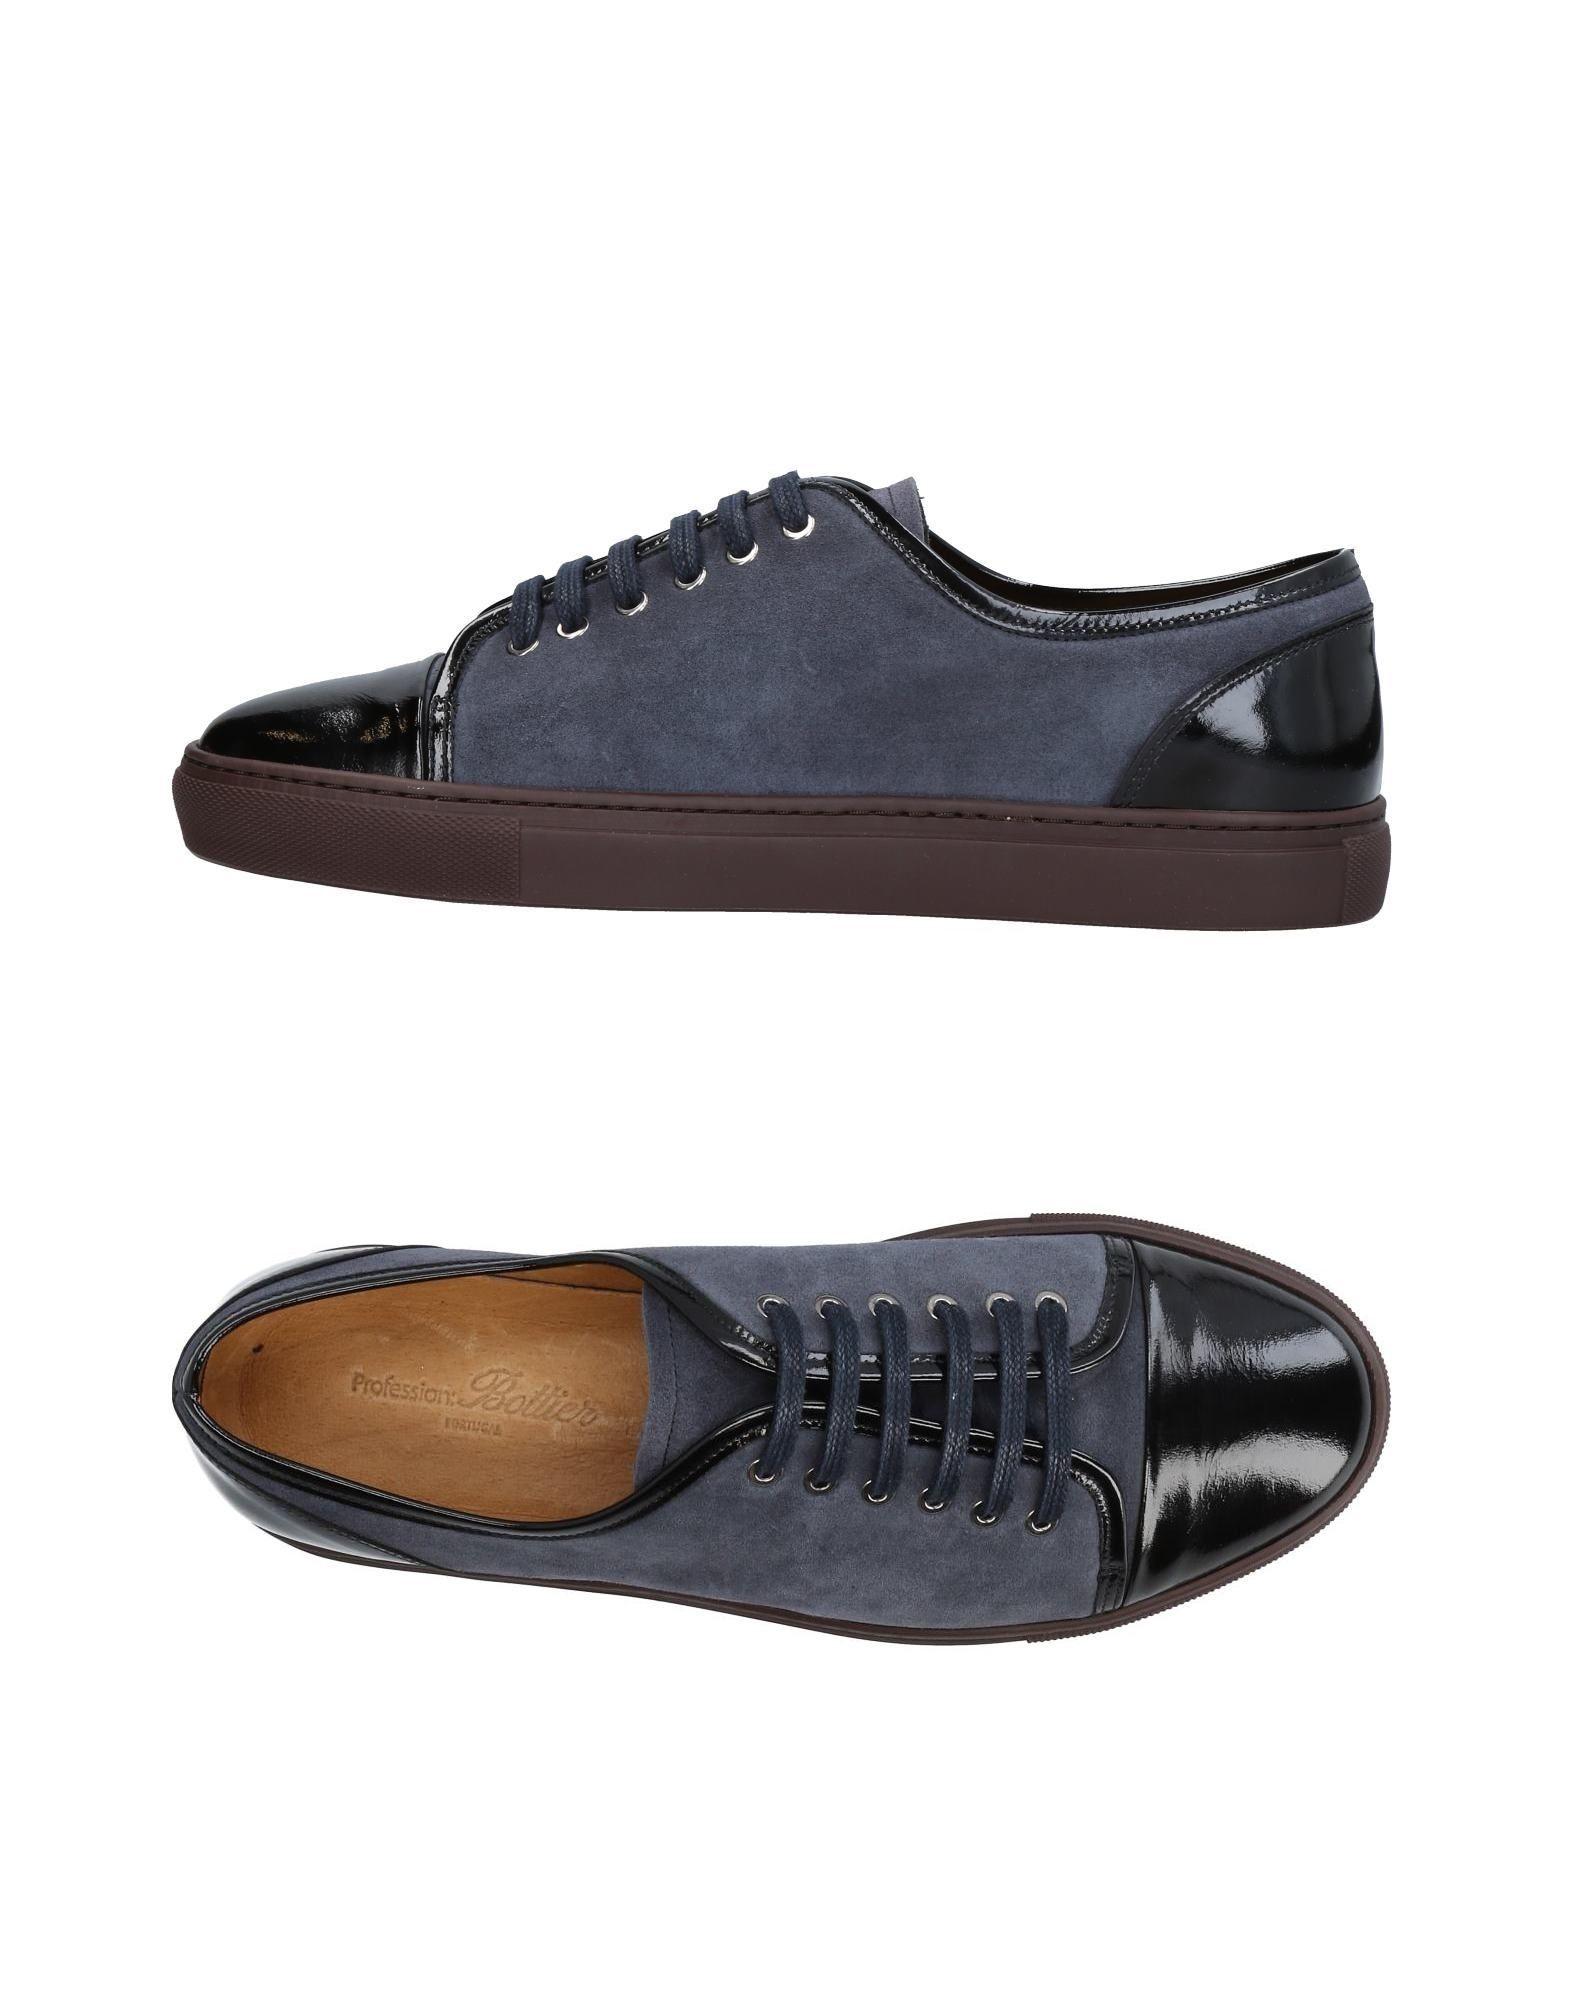 Sneakers Profession: Bottier Homme - Sneakers Profession: Bottier  Bleu pétrole Réduction de prix saisonnier, remise